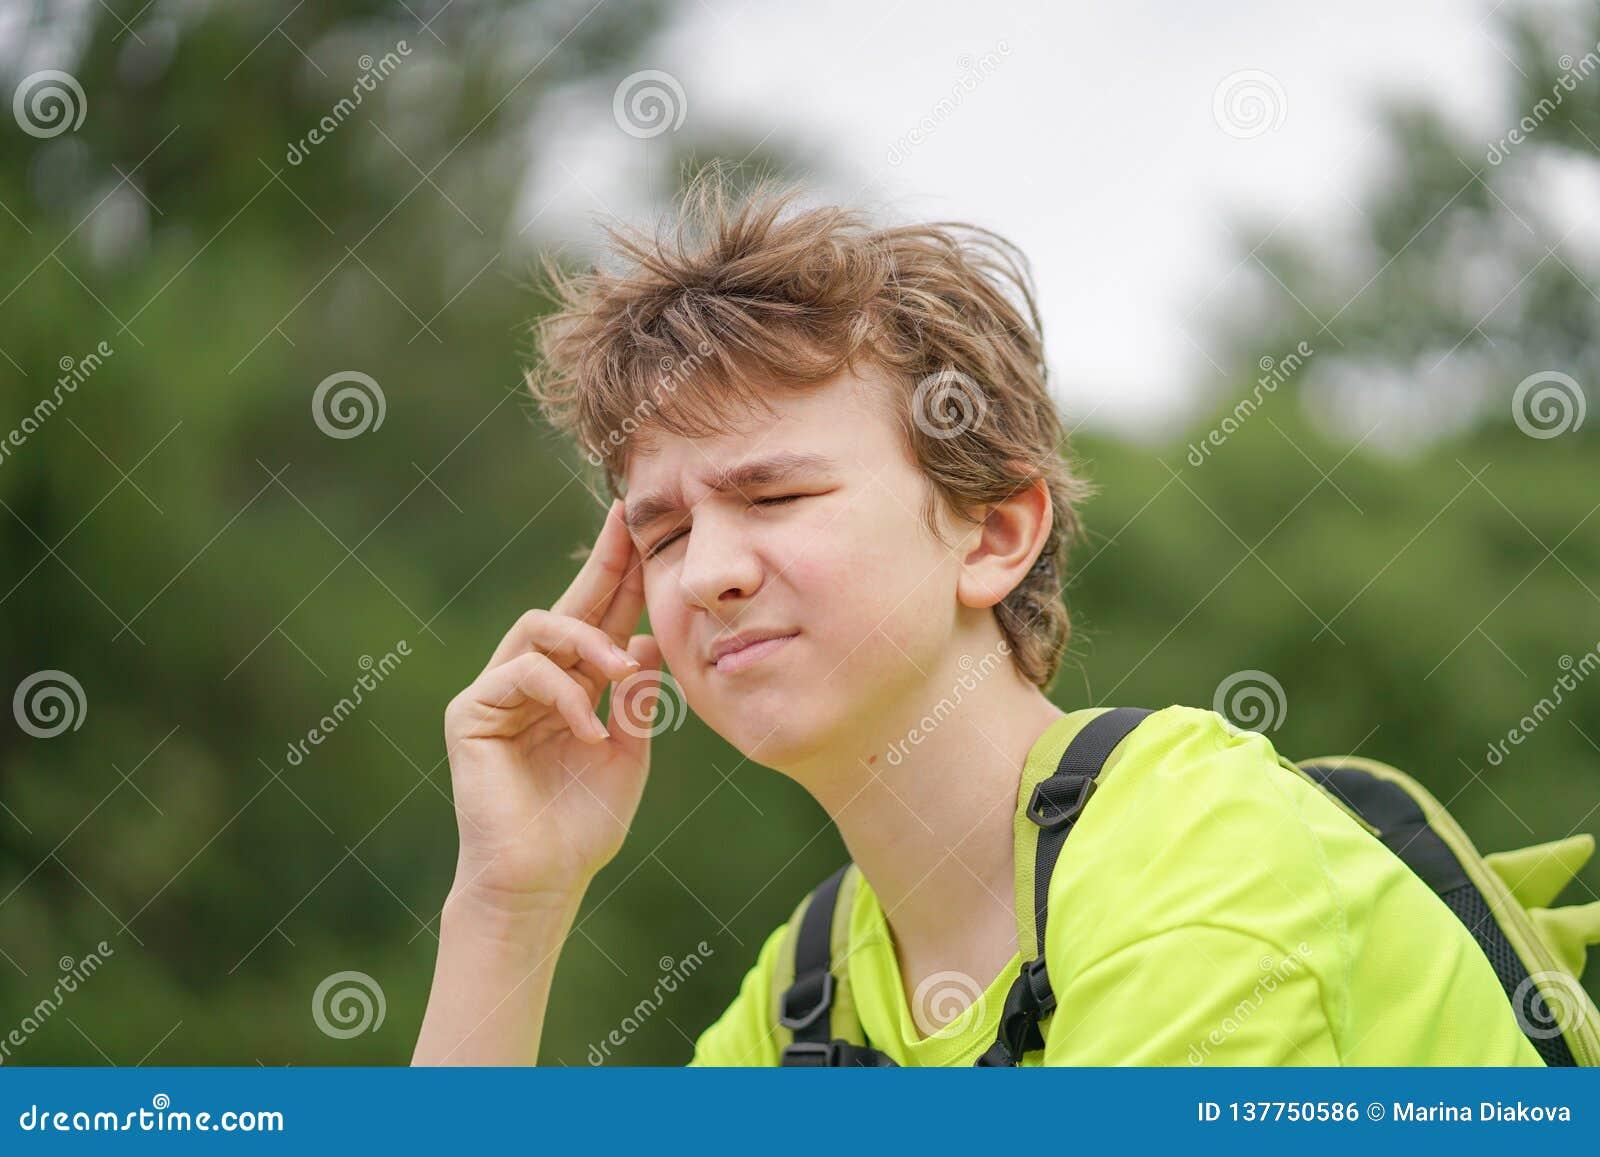 Un individuo joven del adolescente está sufriendo de un dolor de cabeza él guarda sus manos a su cabeza y respingos del malestar,